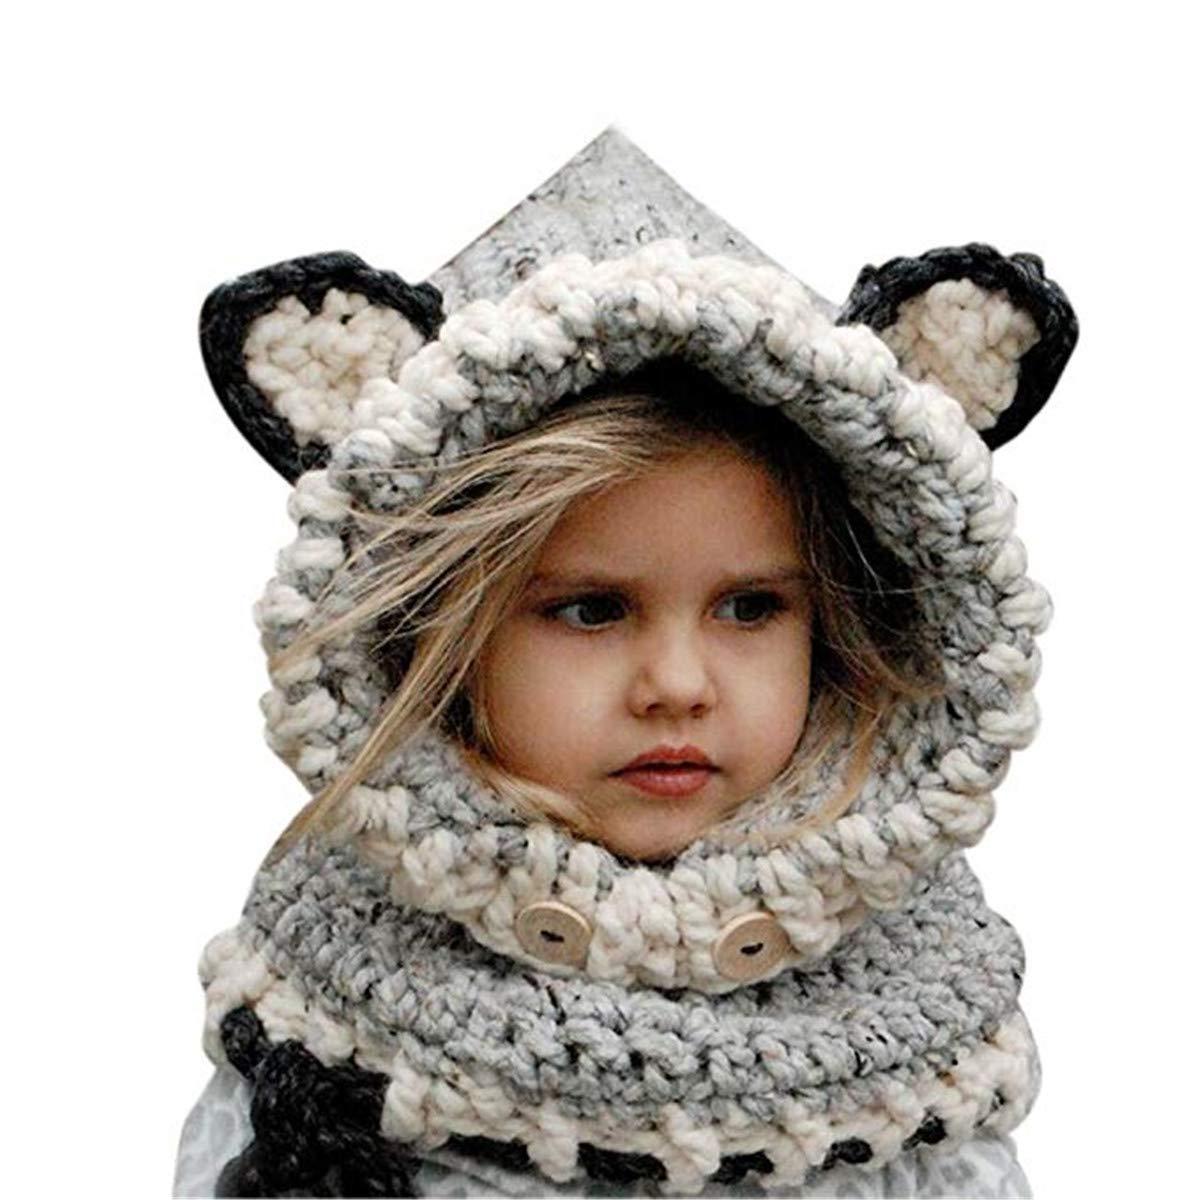 Formesy Estilo Sombrero de Dibujos Animados, Lana de Invierno Lanas Boinas Fox Sombreros Chaquetas de Cá scara de Otoñ o y Sombrero de Invierno Baby Knit Bufanda con un Sombrero